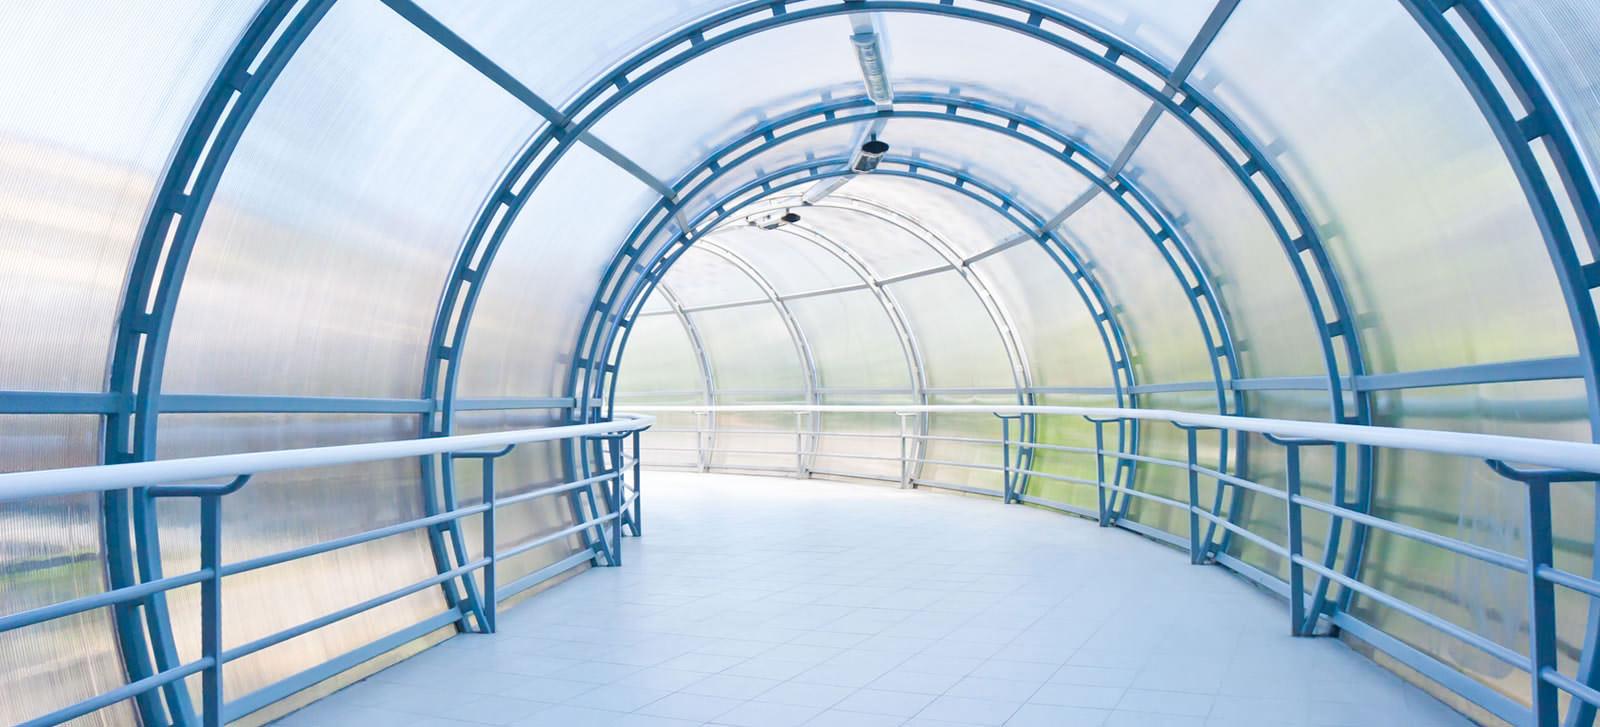 ساخت شیشههای صنعتی مقاوم